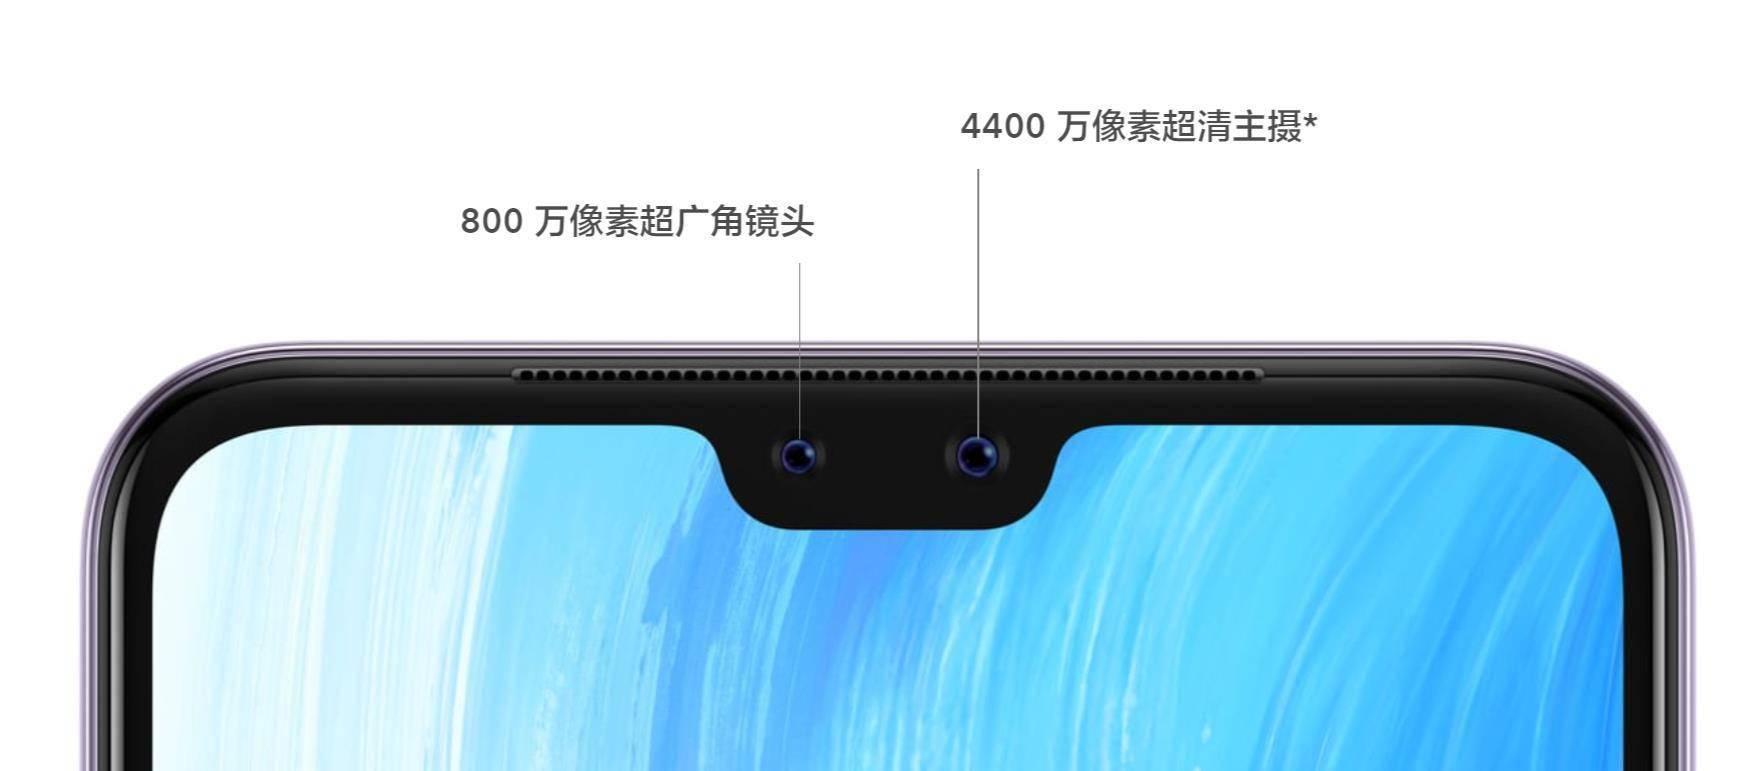 4400万像素自拍!vivo S7发布,机身厚度回归4G水准